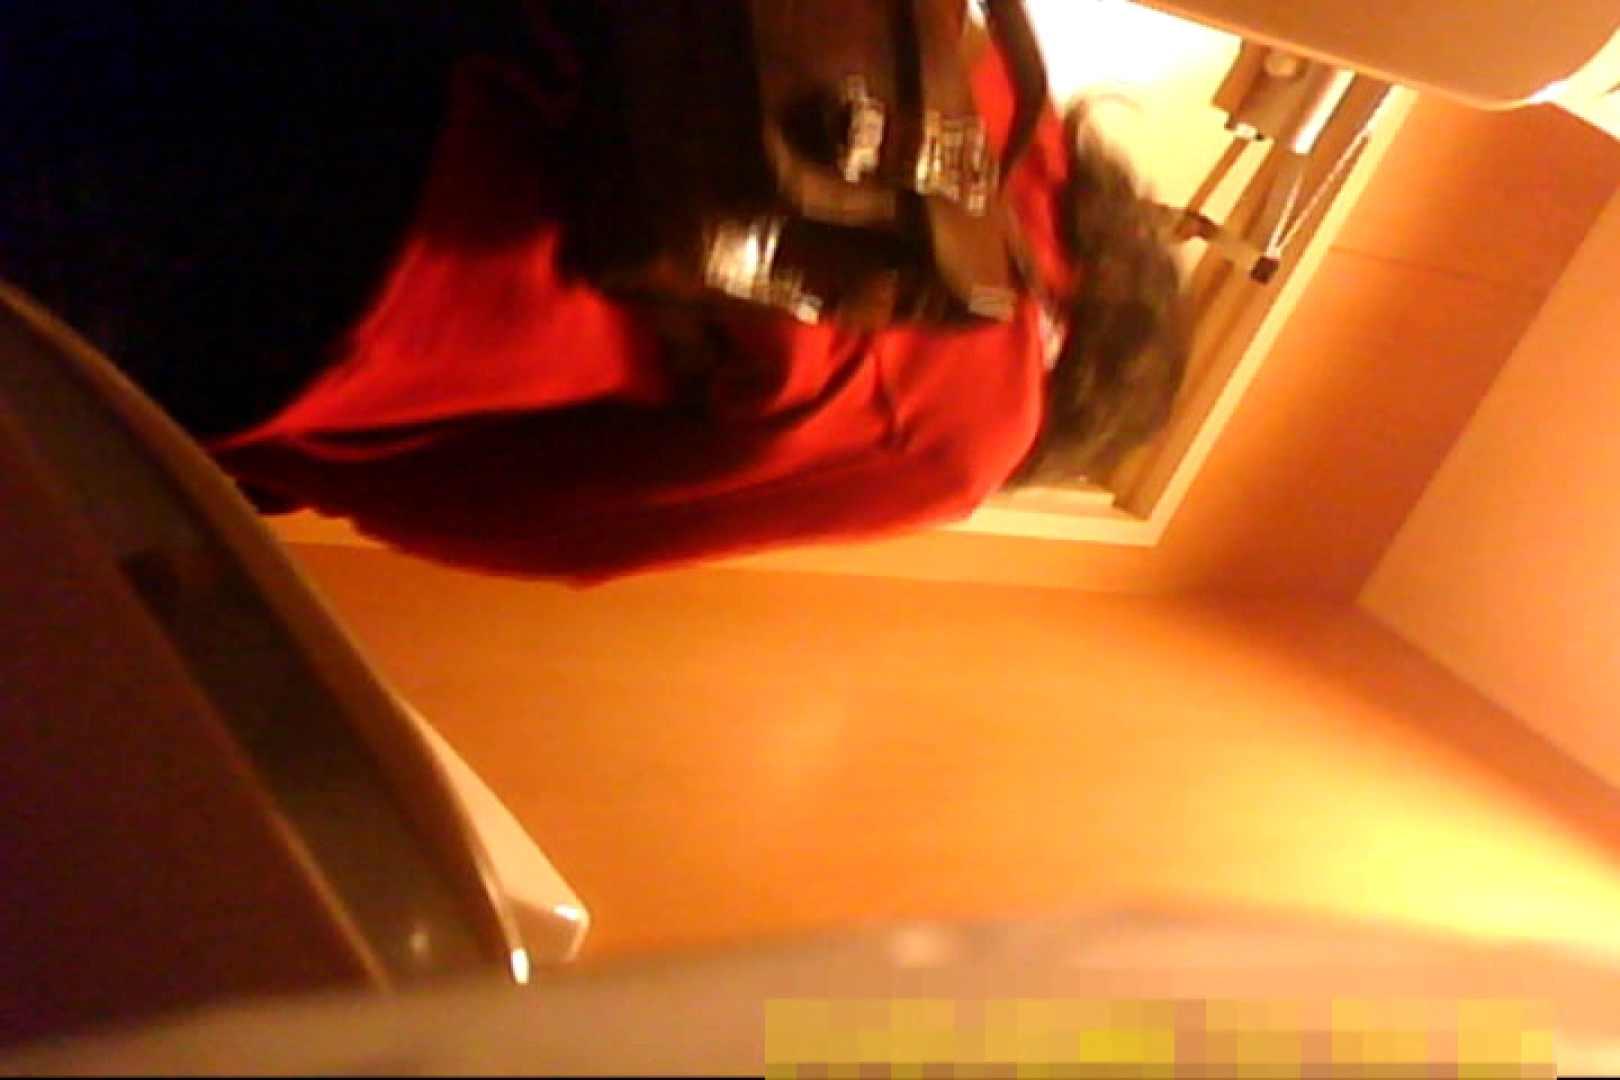 魅惑の化粧室~禁断のプライベート空間~vol.6 洗面所 オマンコ無修正動画無料 56pic 38